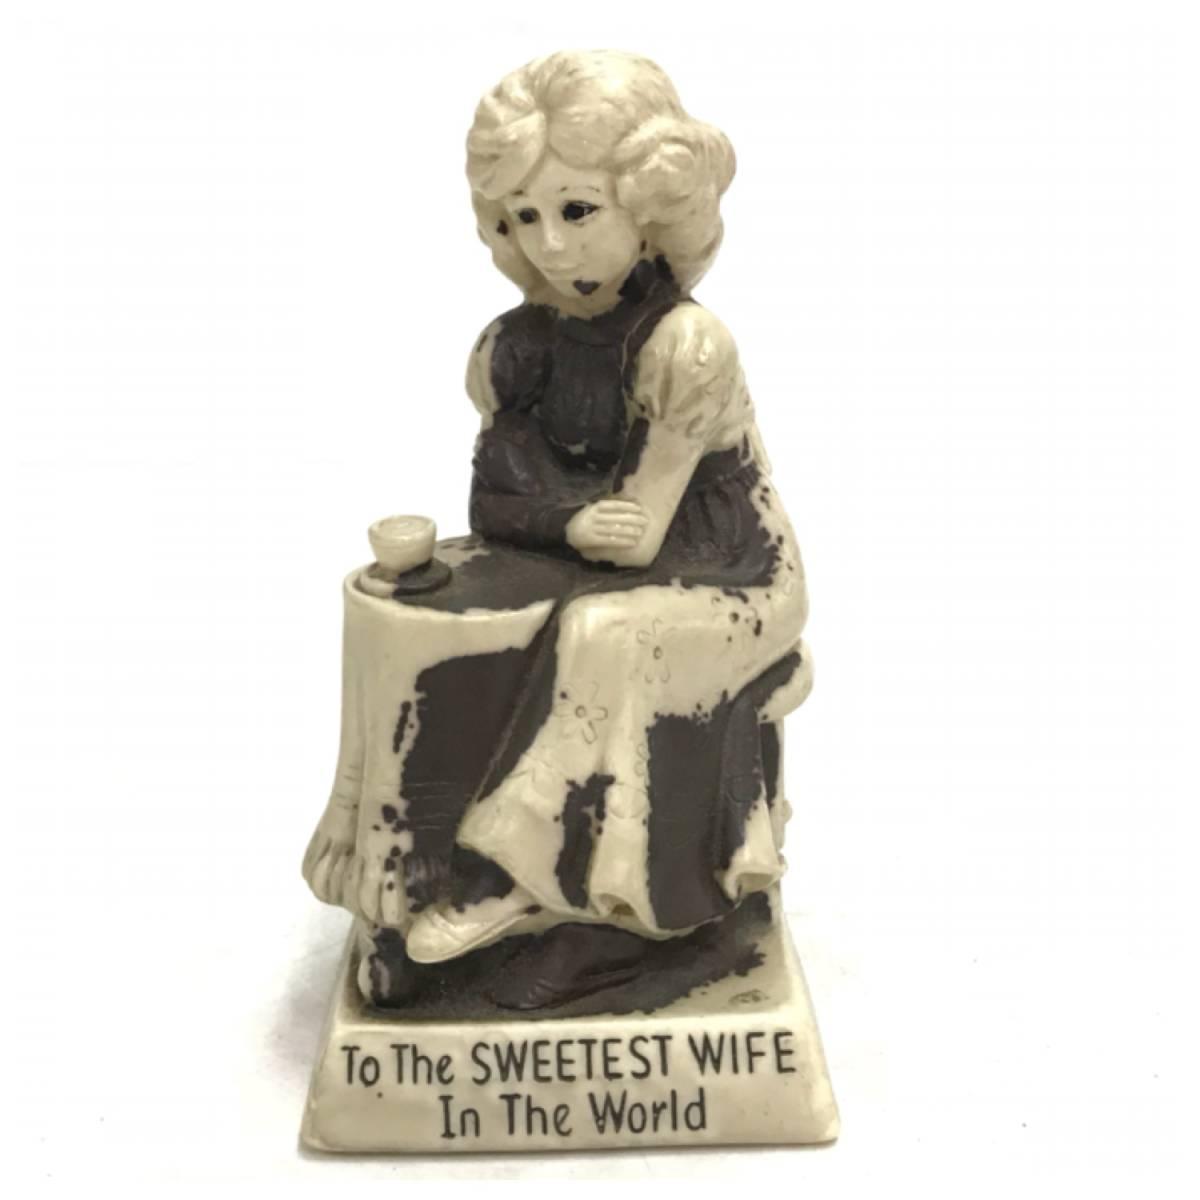 メッセージドール To The SERRTEST WIFE In The World インテリア 雑貨 小物 置物 ビンテージ アンティーク レトロ オールド DOLL D-1391_画像1